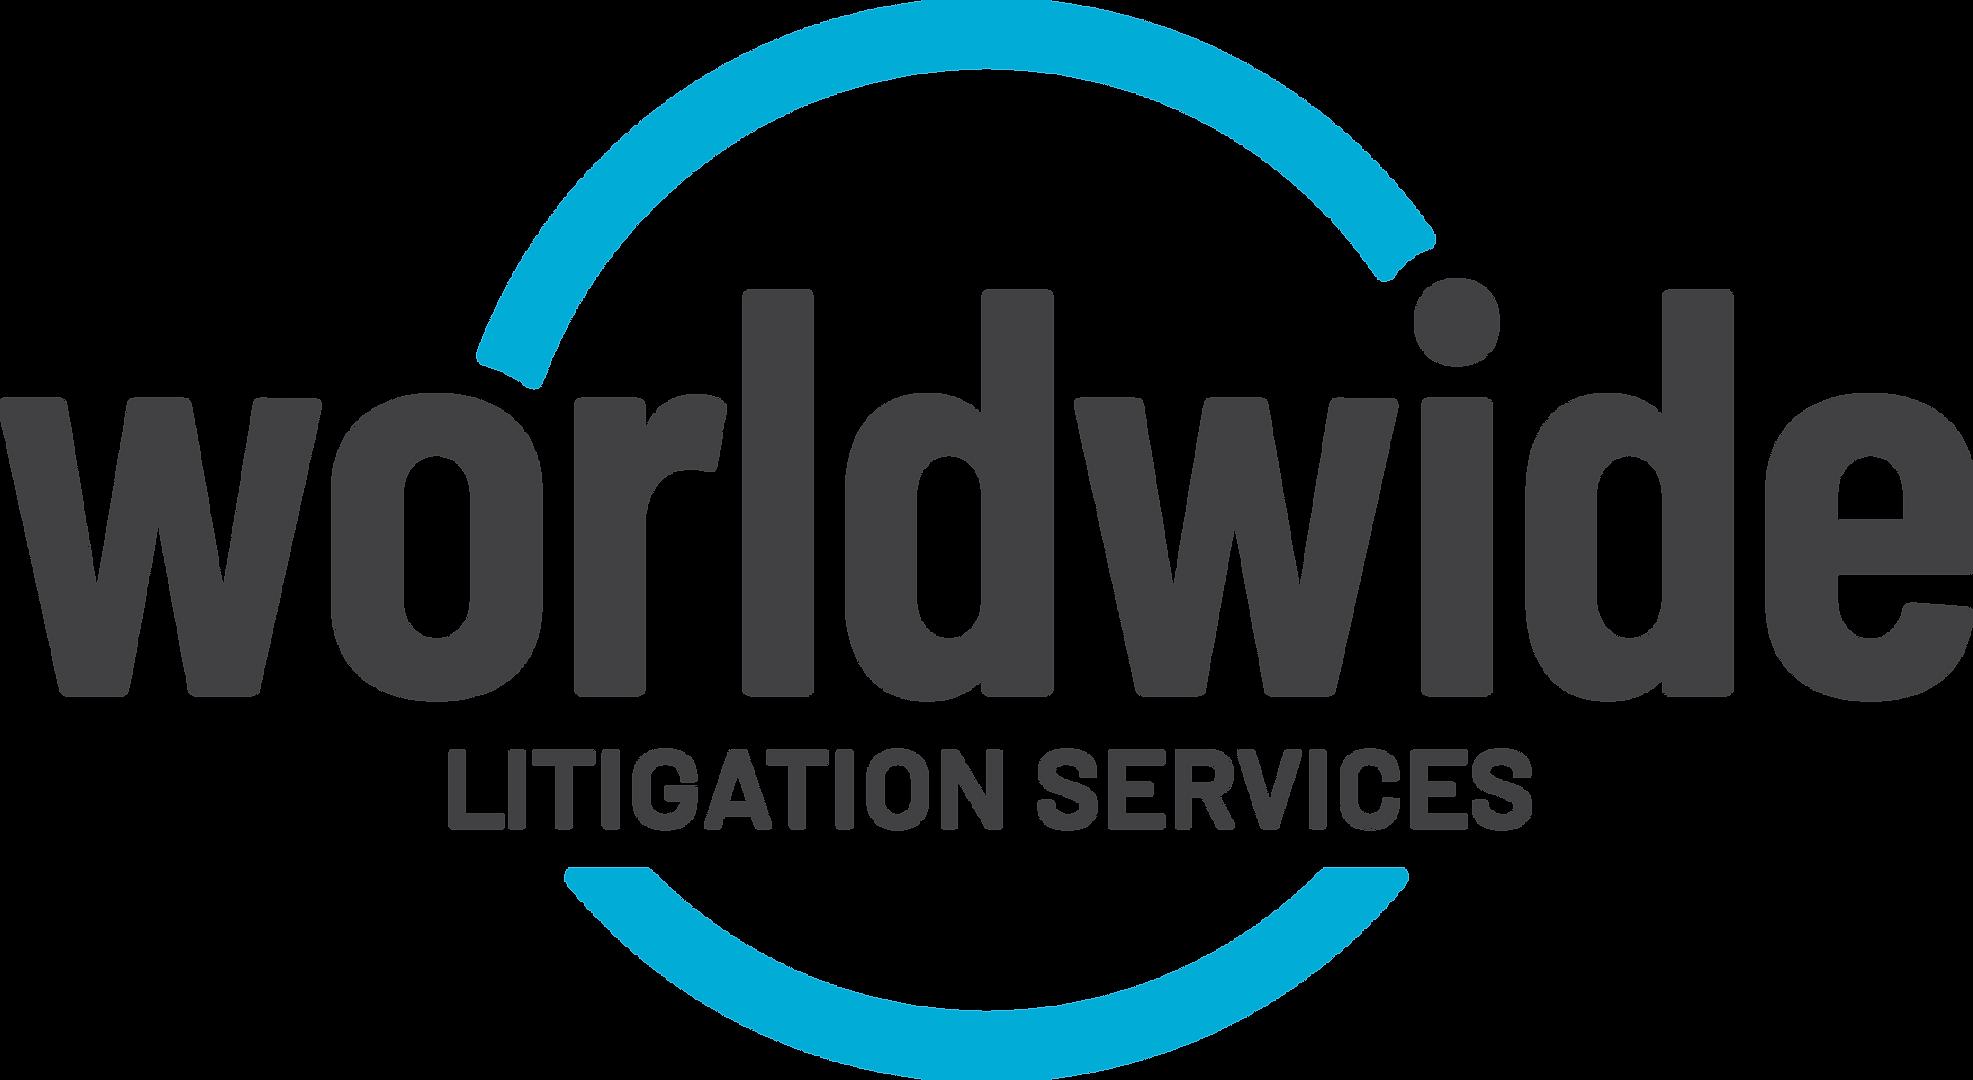 Worldwide Litigation Services Logo